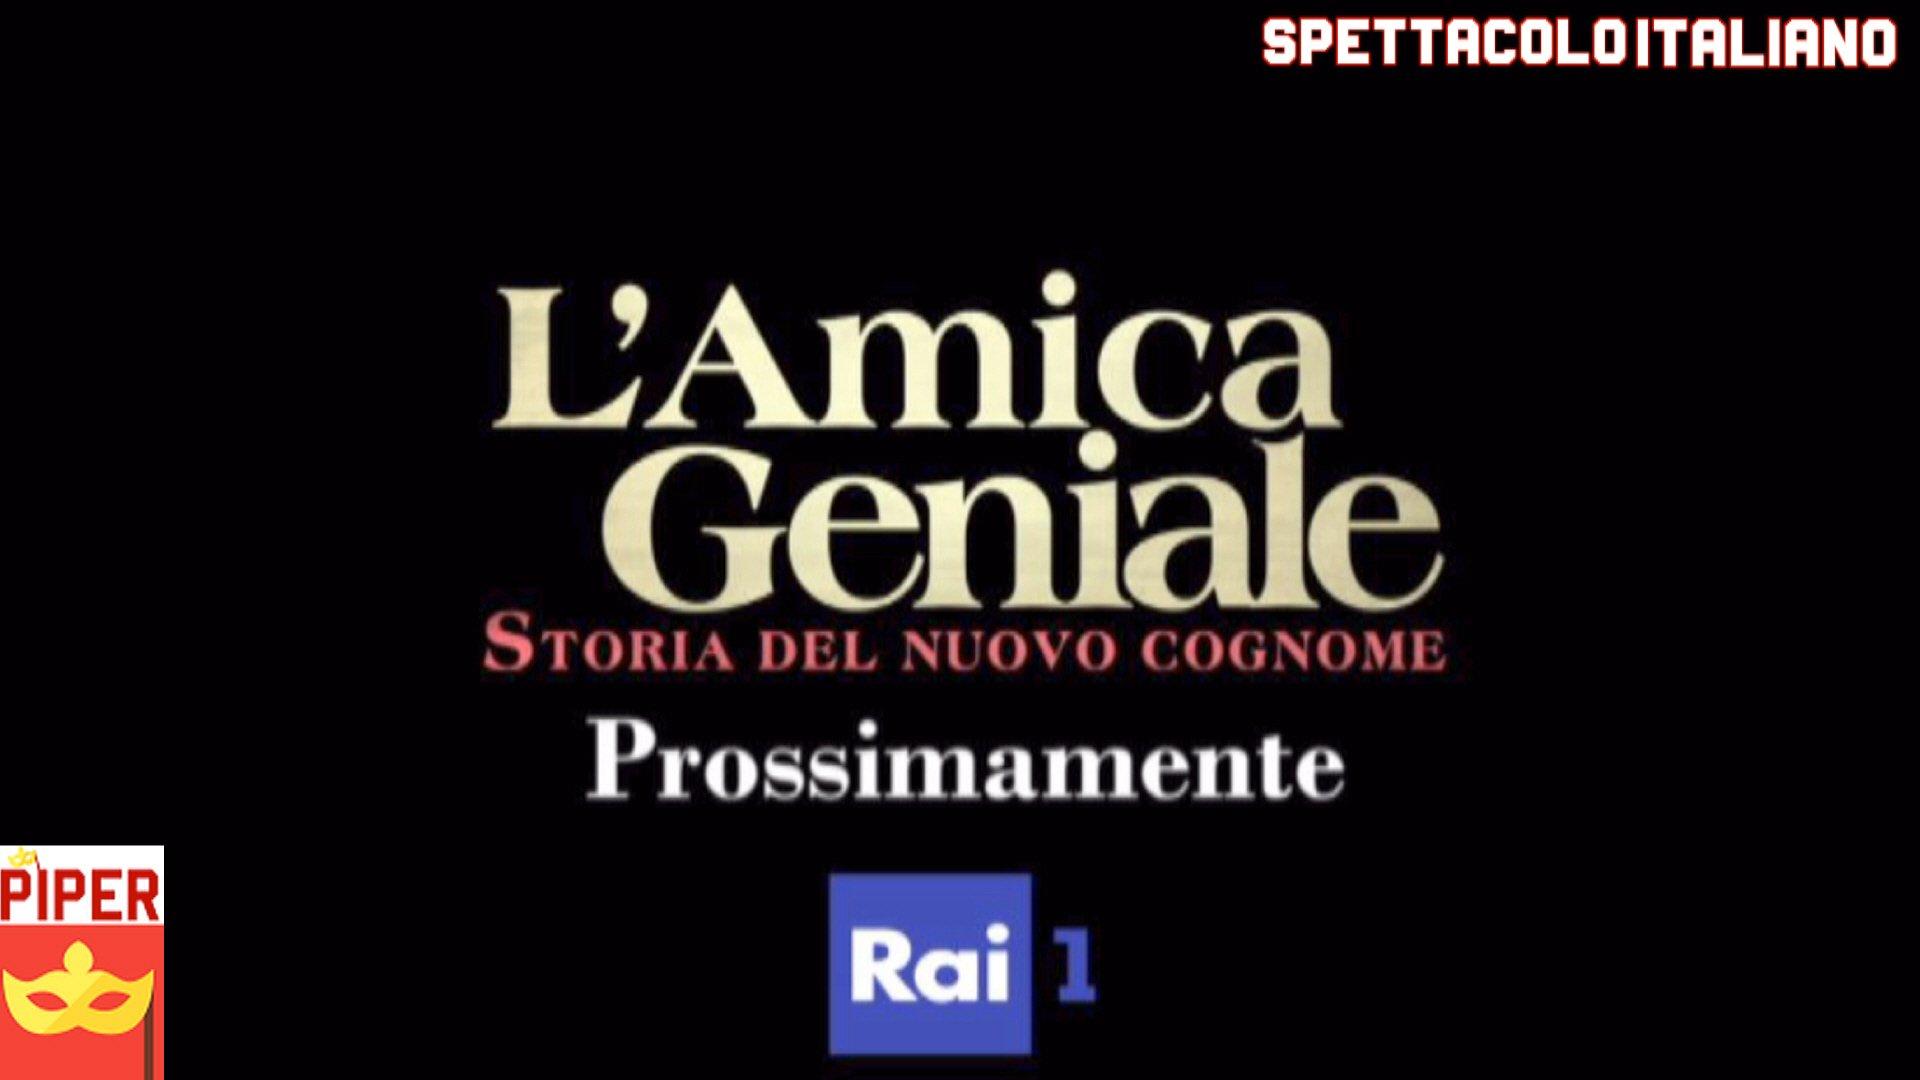 lamica-geniale-2-backstage-storia-del-nuovo-cognome